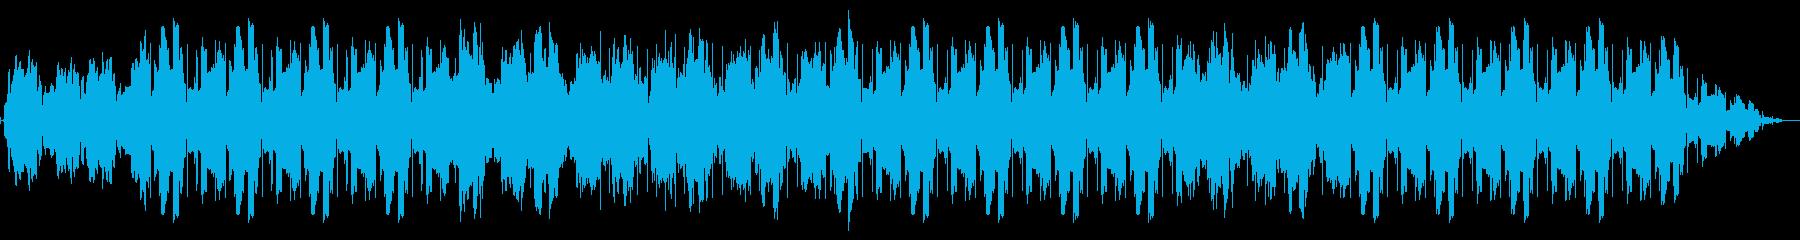 Reverse playback slow Lofi vague past's reproduced waveform